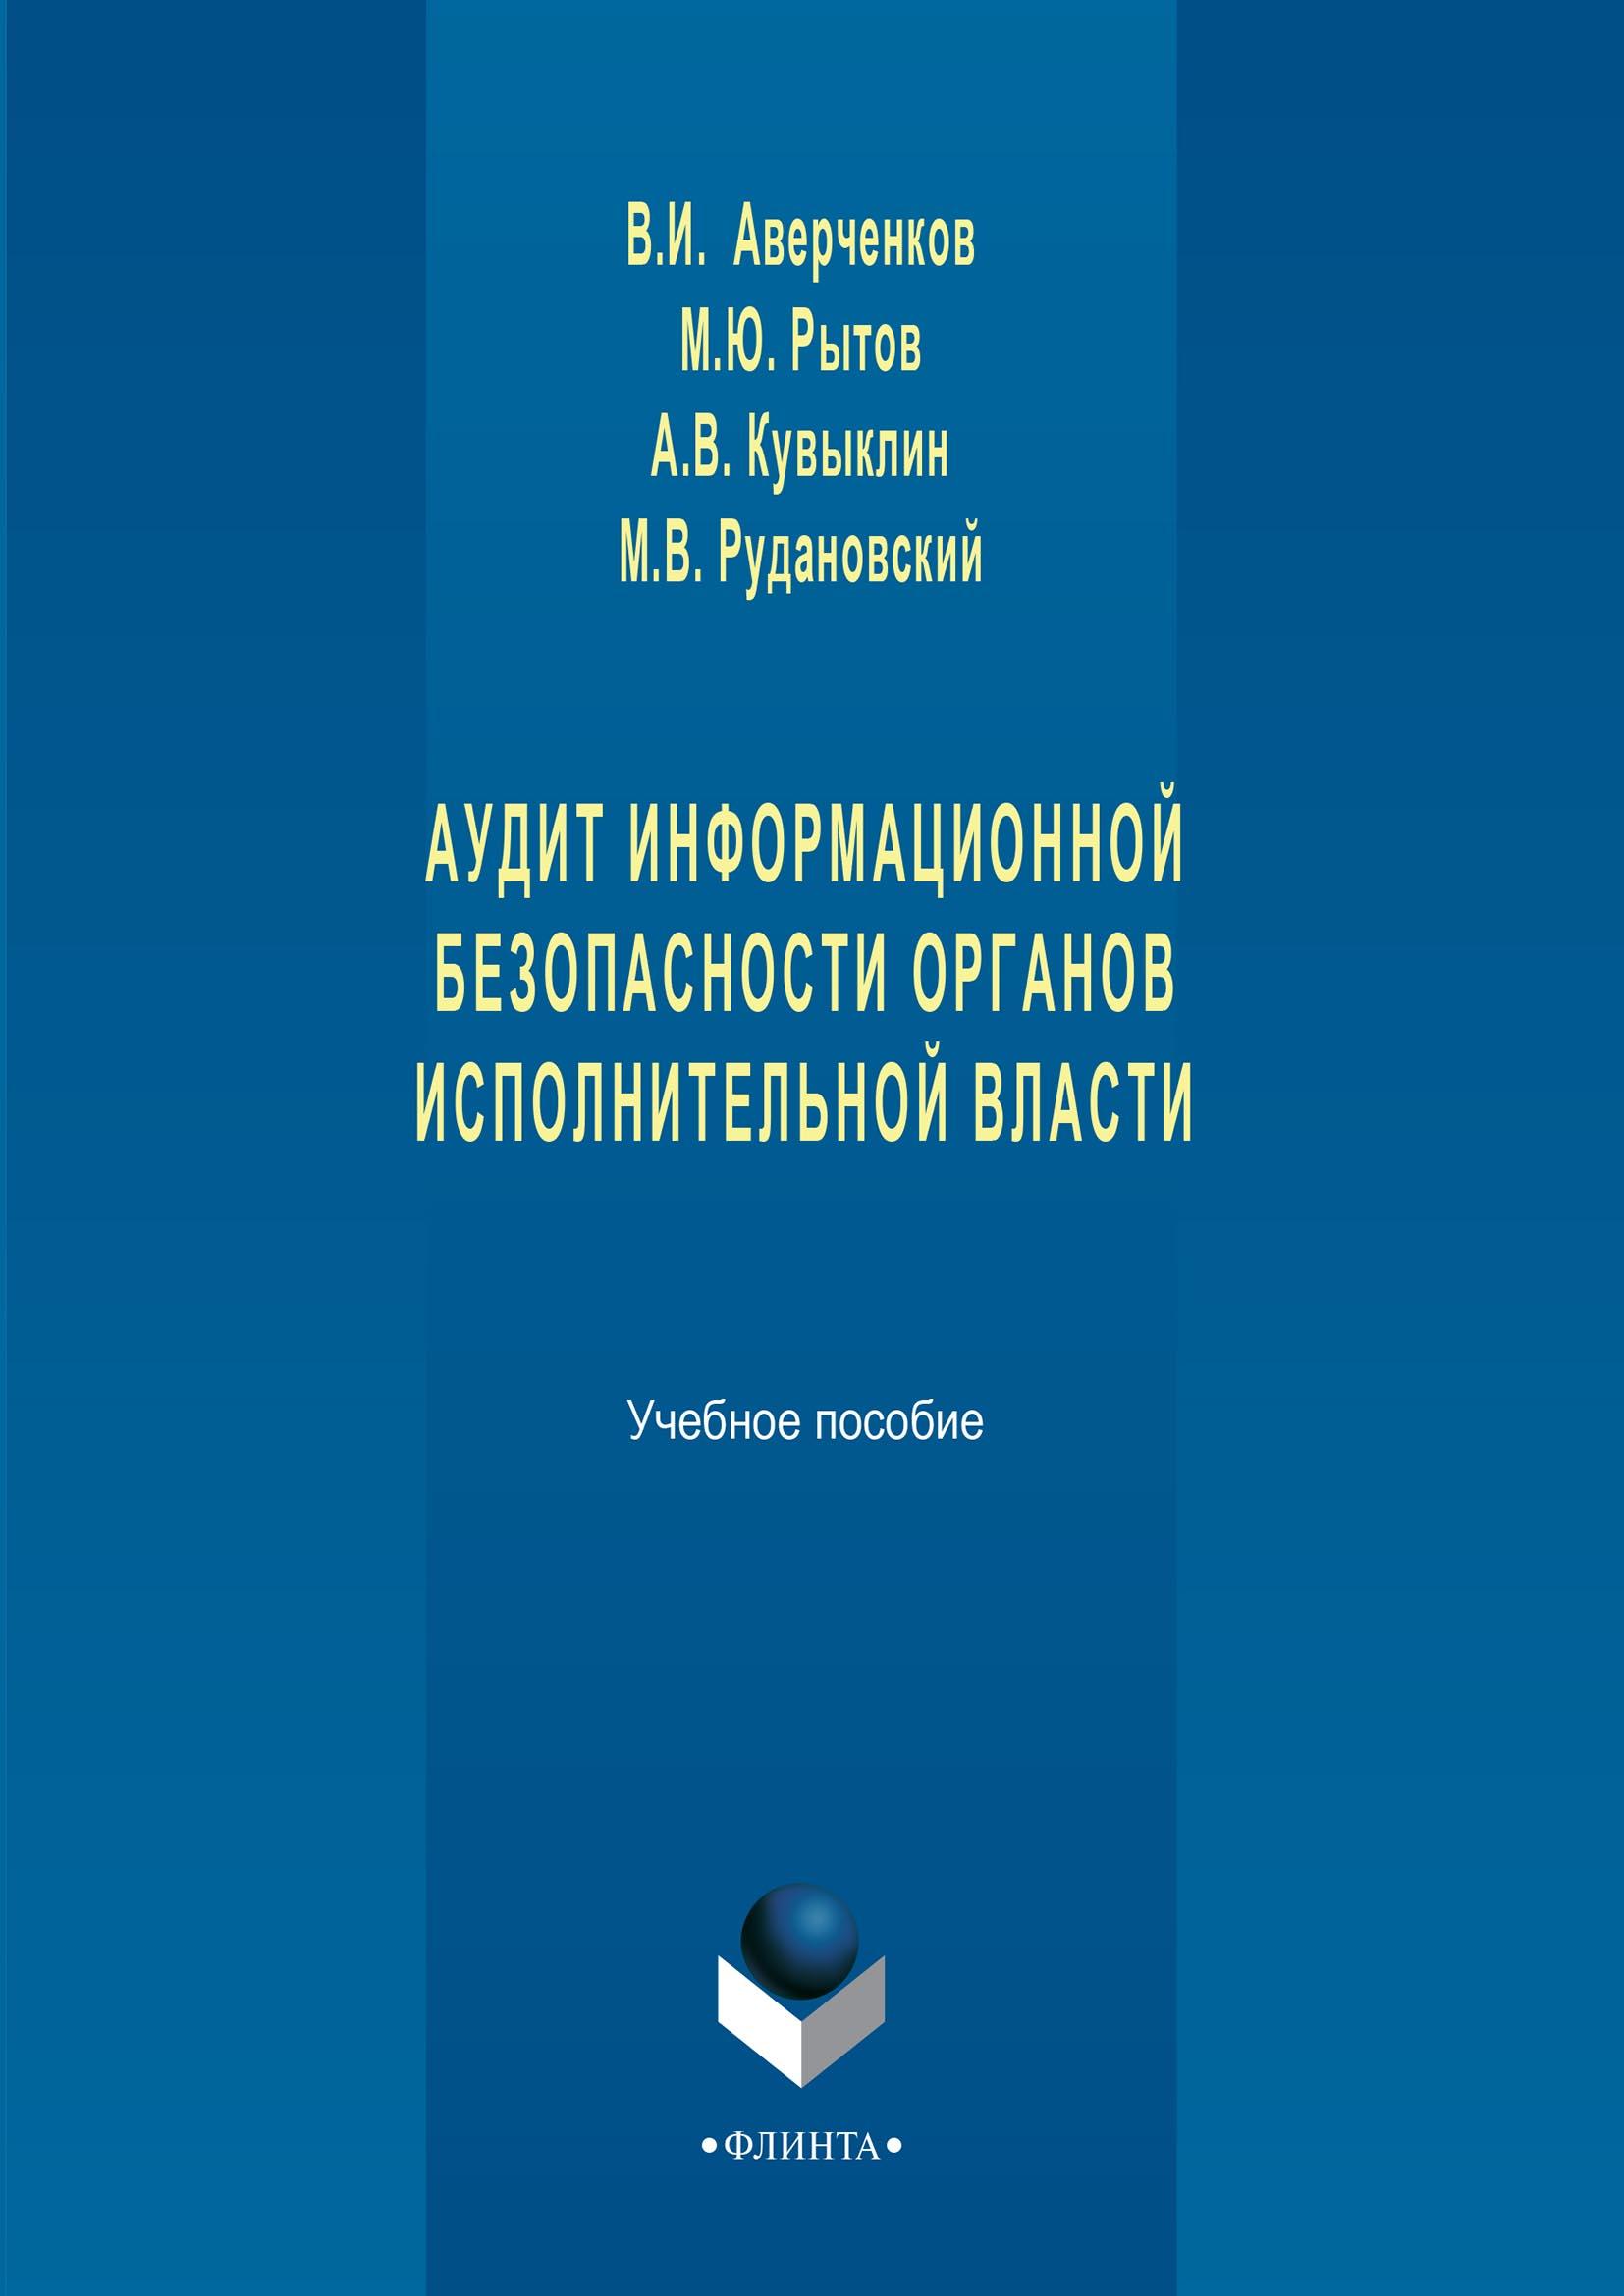 Аудит информационной безопасности органов исполнительной власти. Учебное пособие